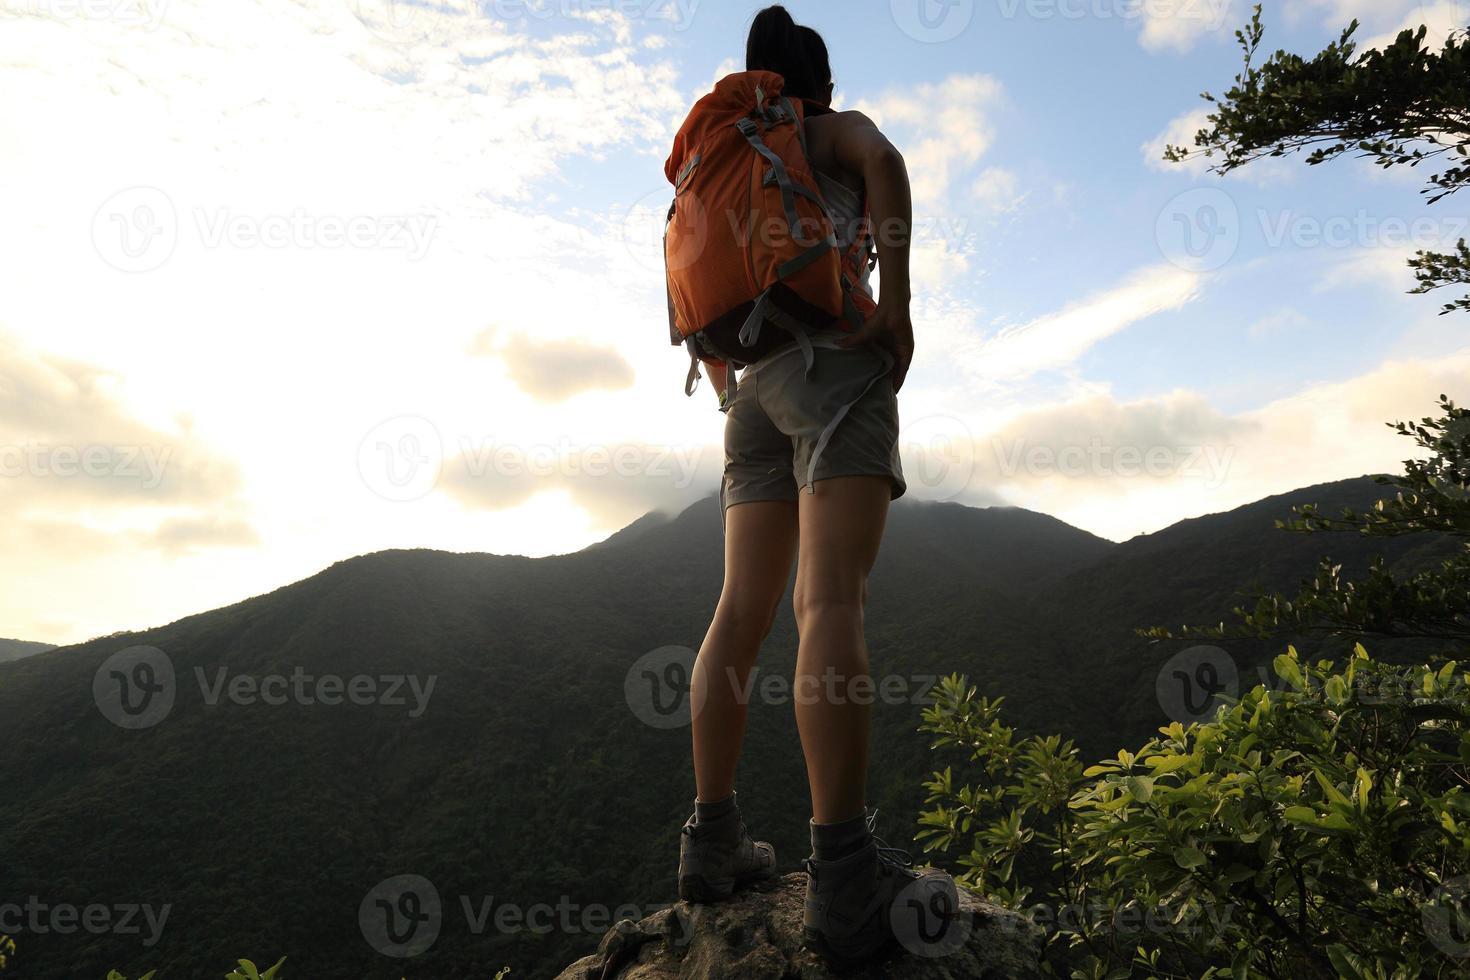 mujer mochilero en el pico de la montaña disfruta de la vista foto